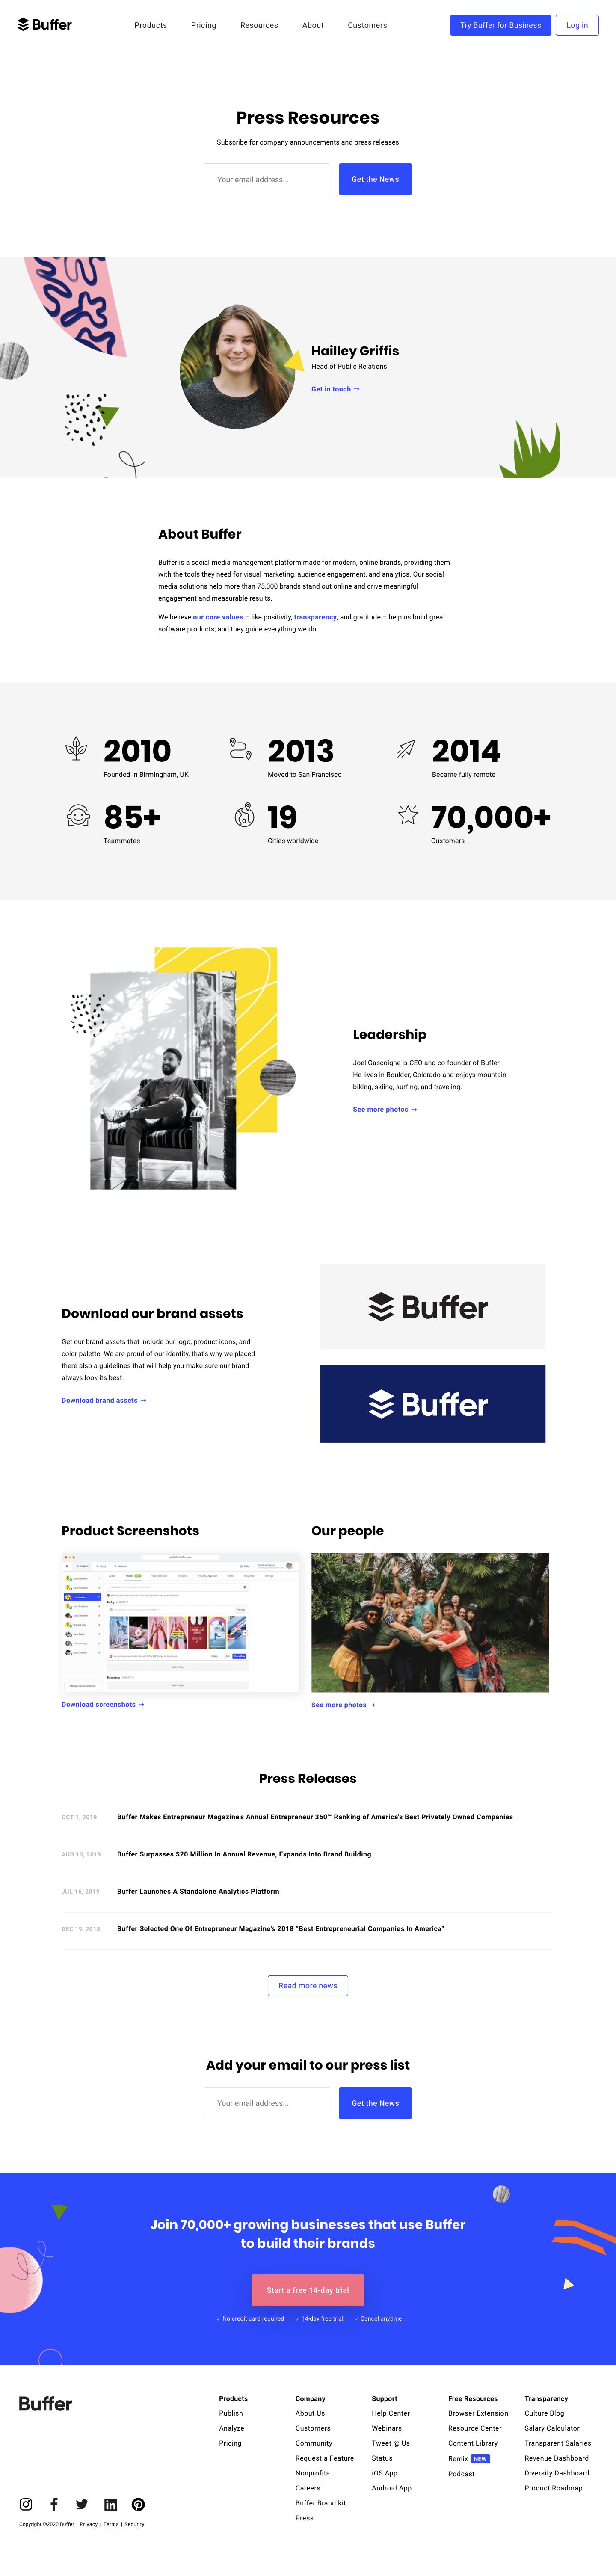 Buffer Press Page